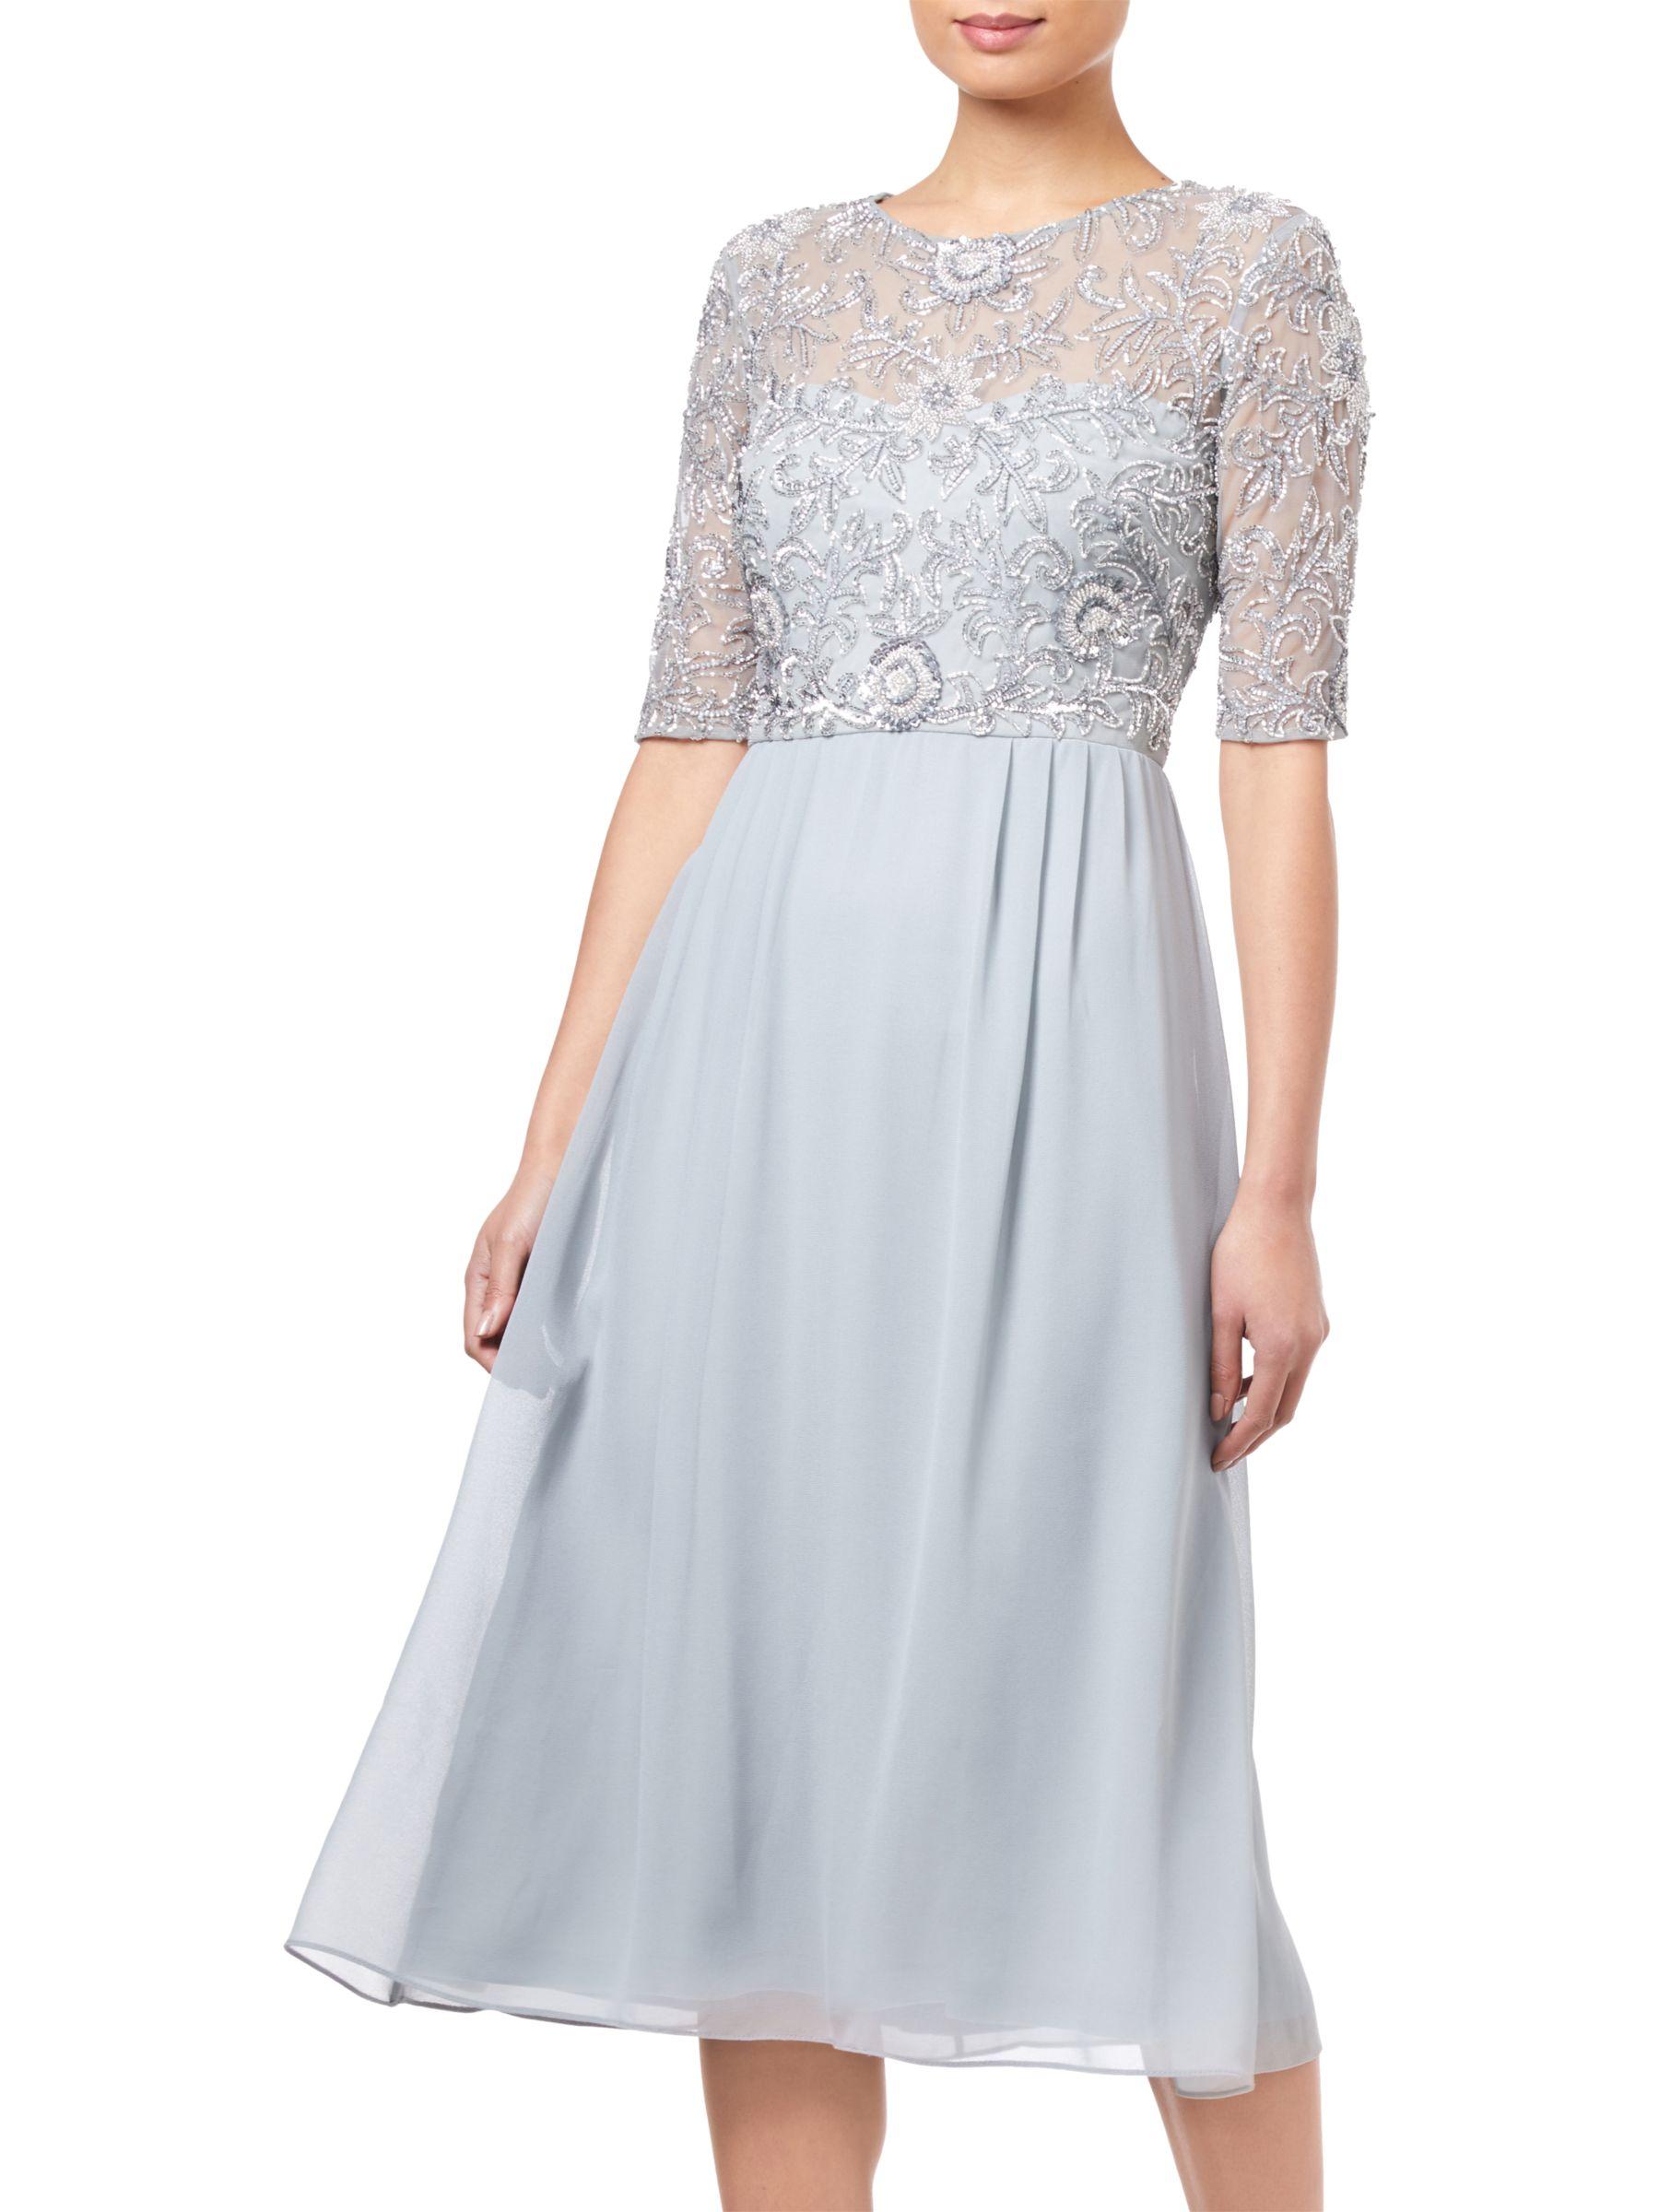 Charmant John Lewis Prom Kleid Fotos - Hochzeit Kleid Stile Ideen ...